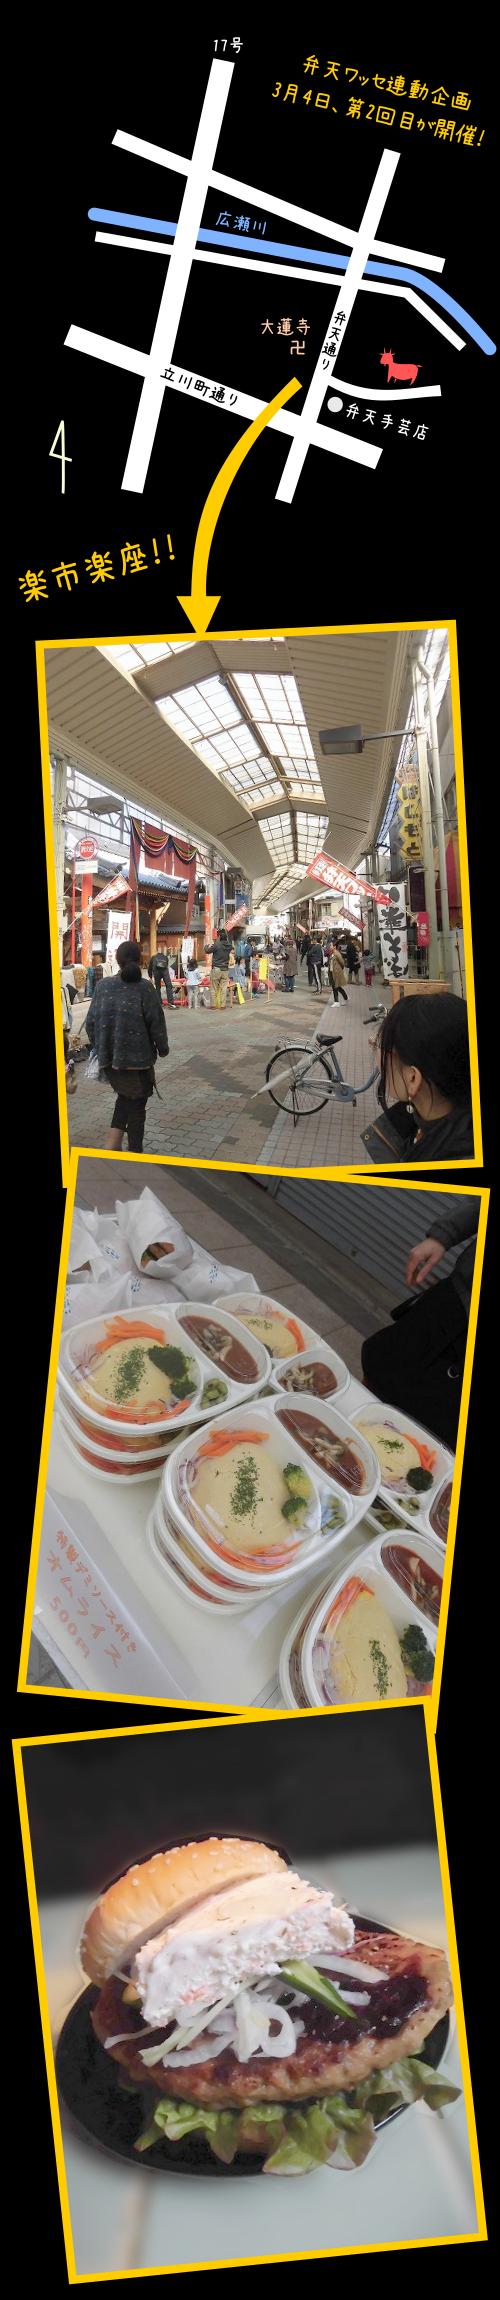 3 月ワッセ&楽市 (2).png